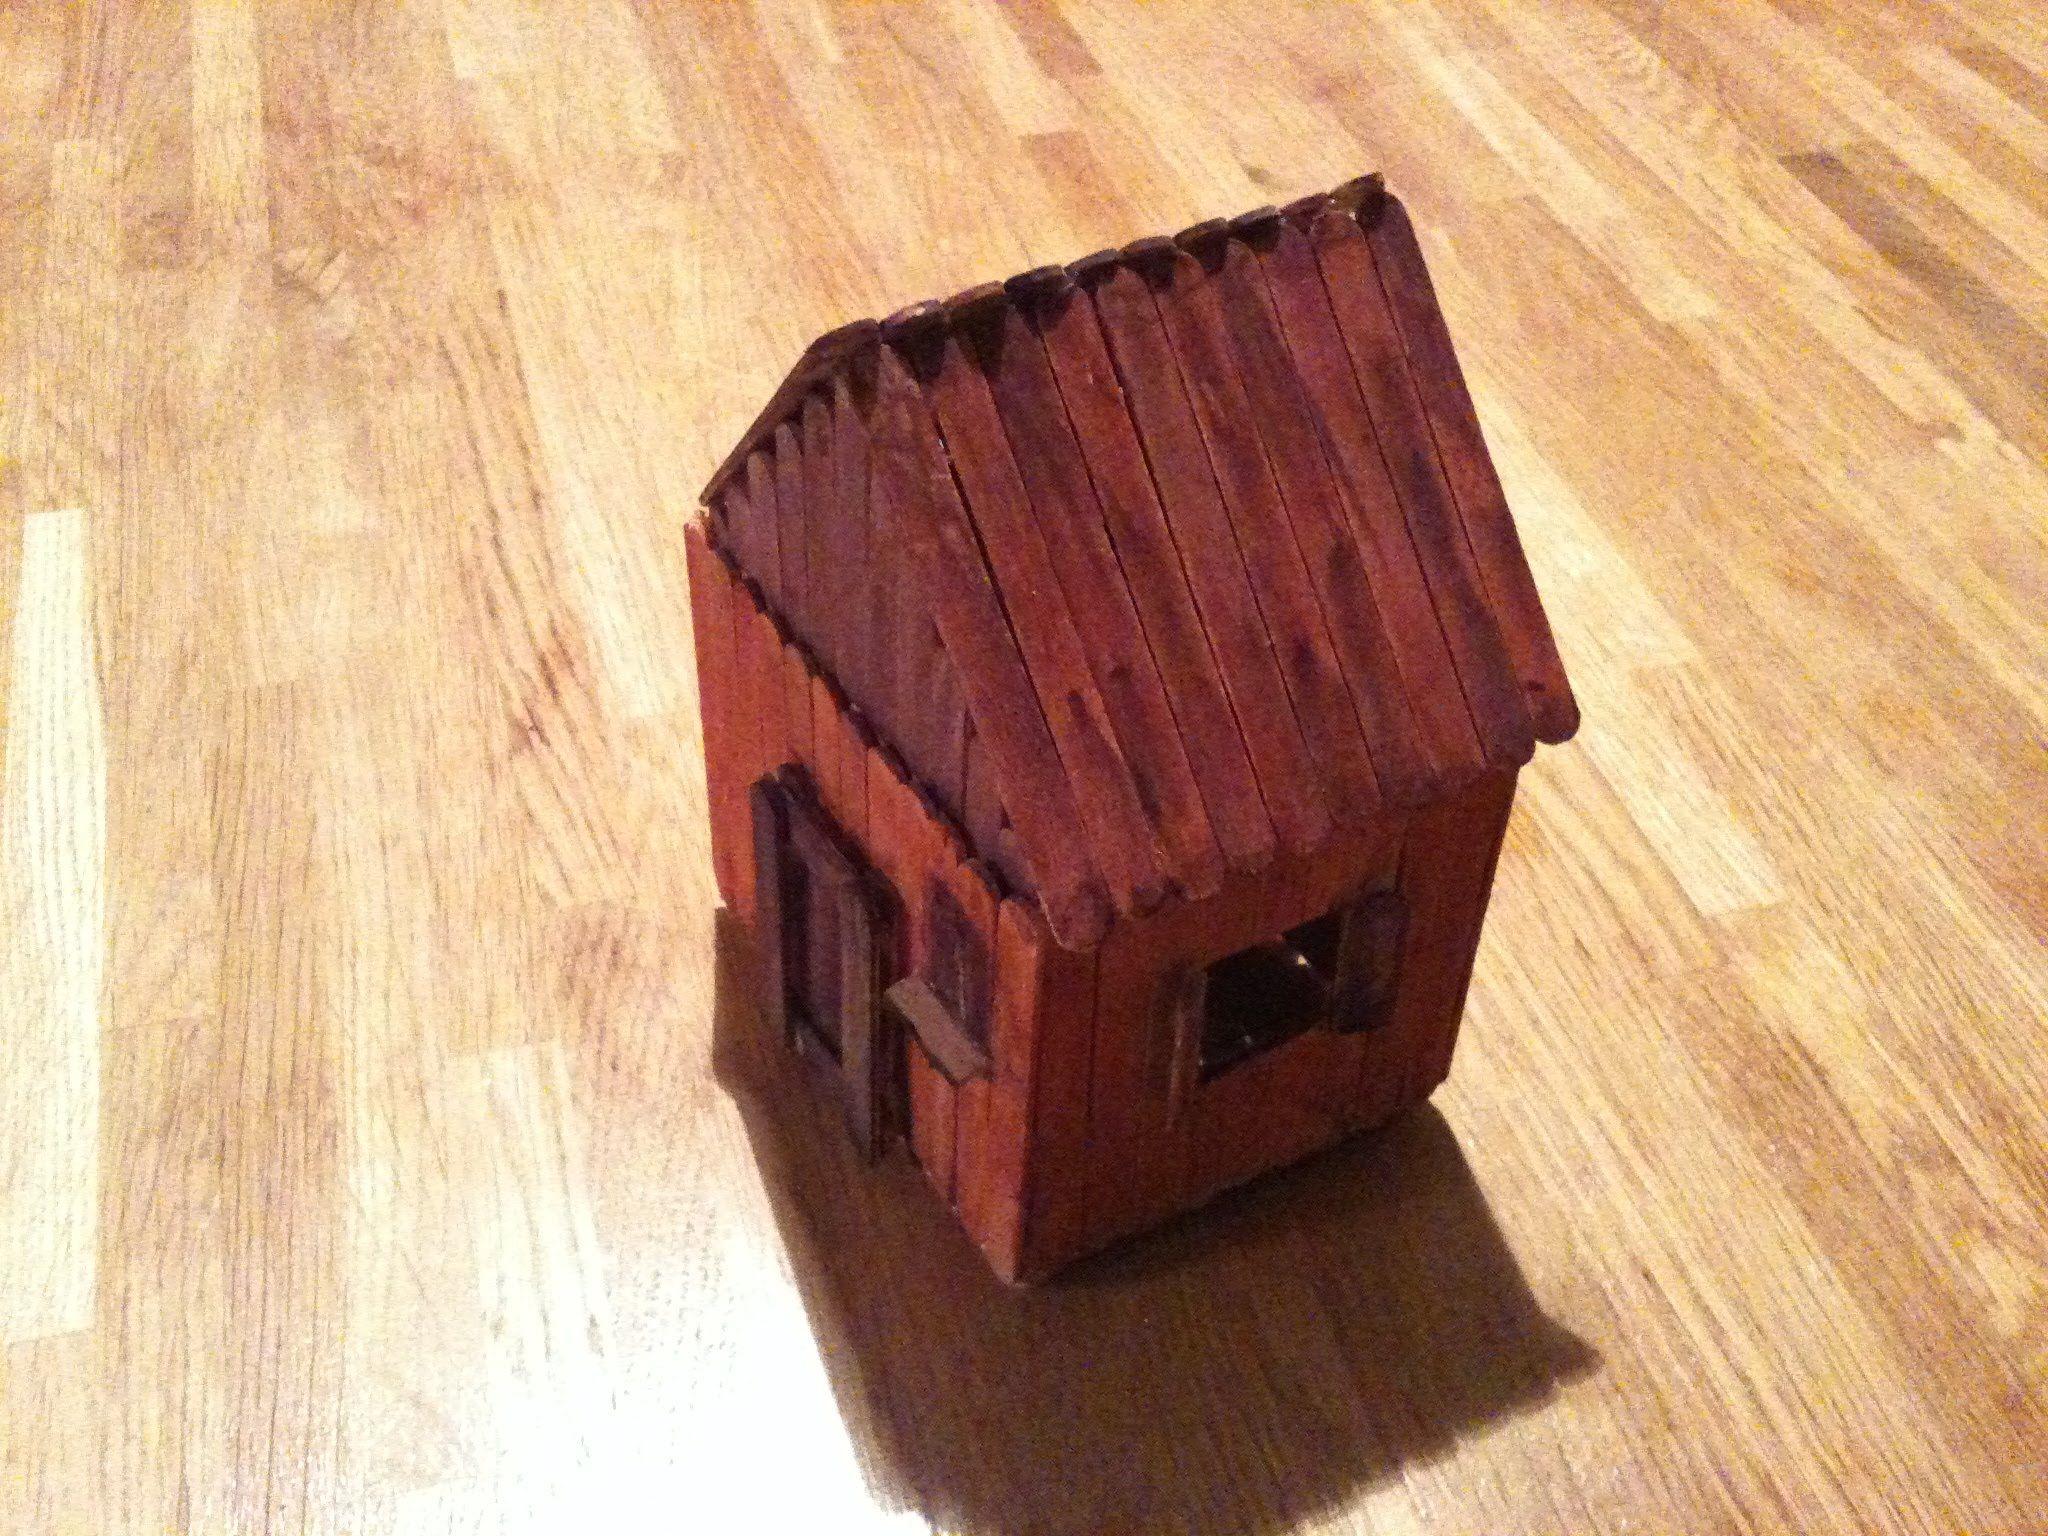 طريقة صنع كوخ من اعواد المثلجات Home Decor Decor Decorative Boxes